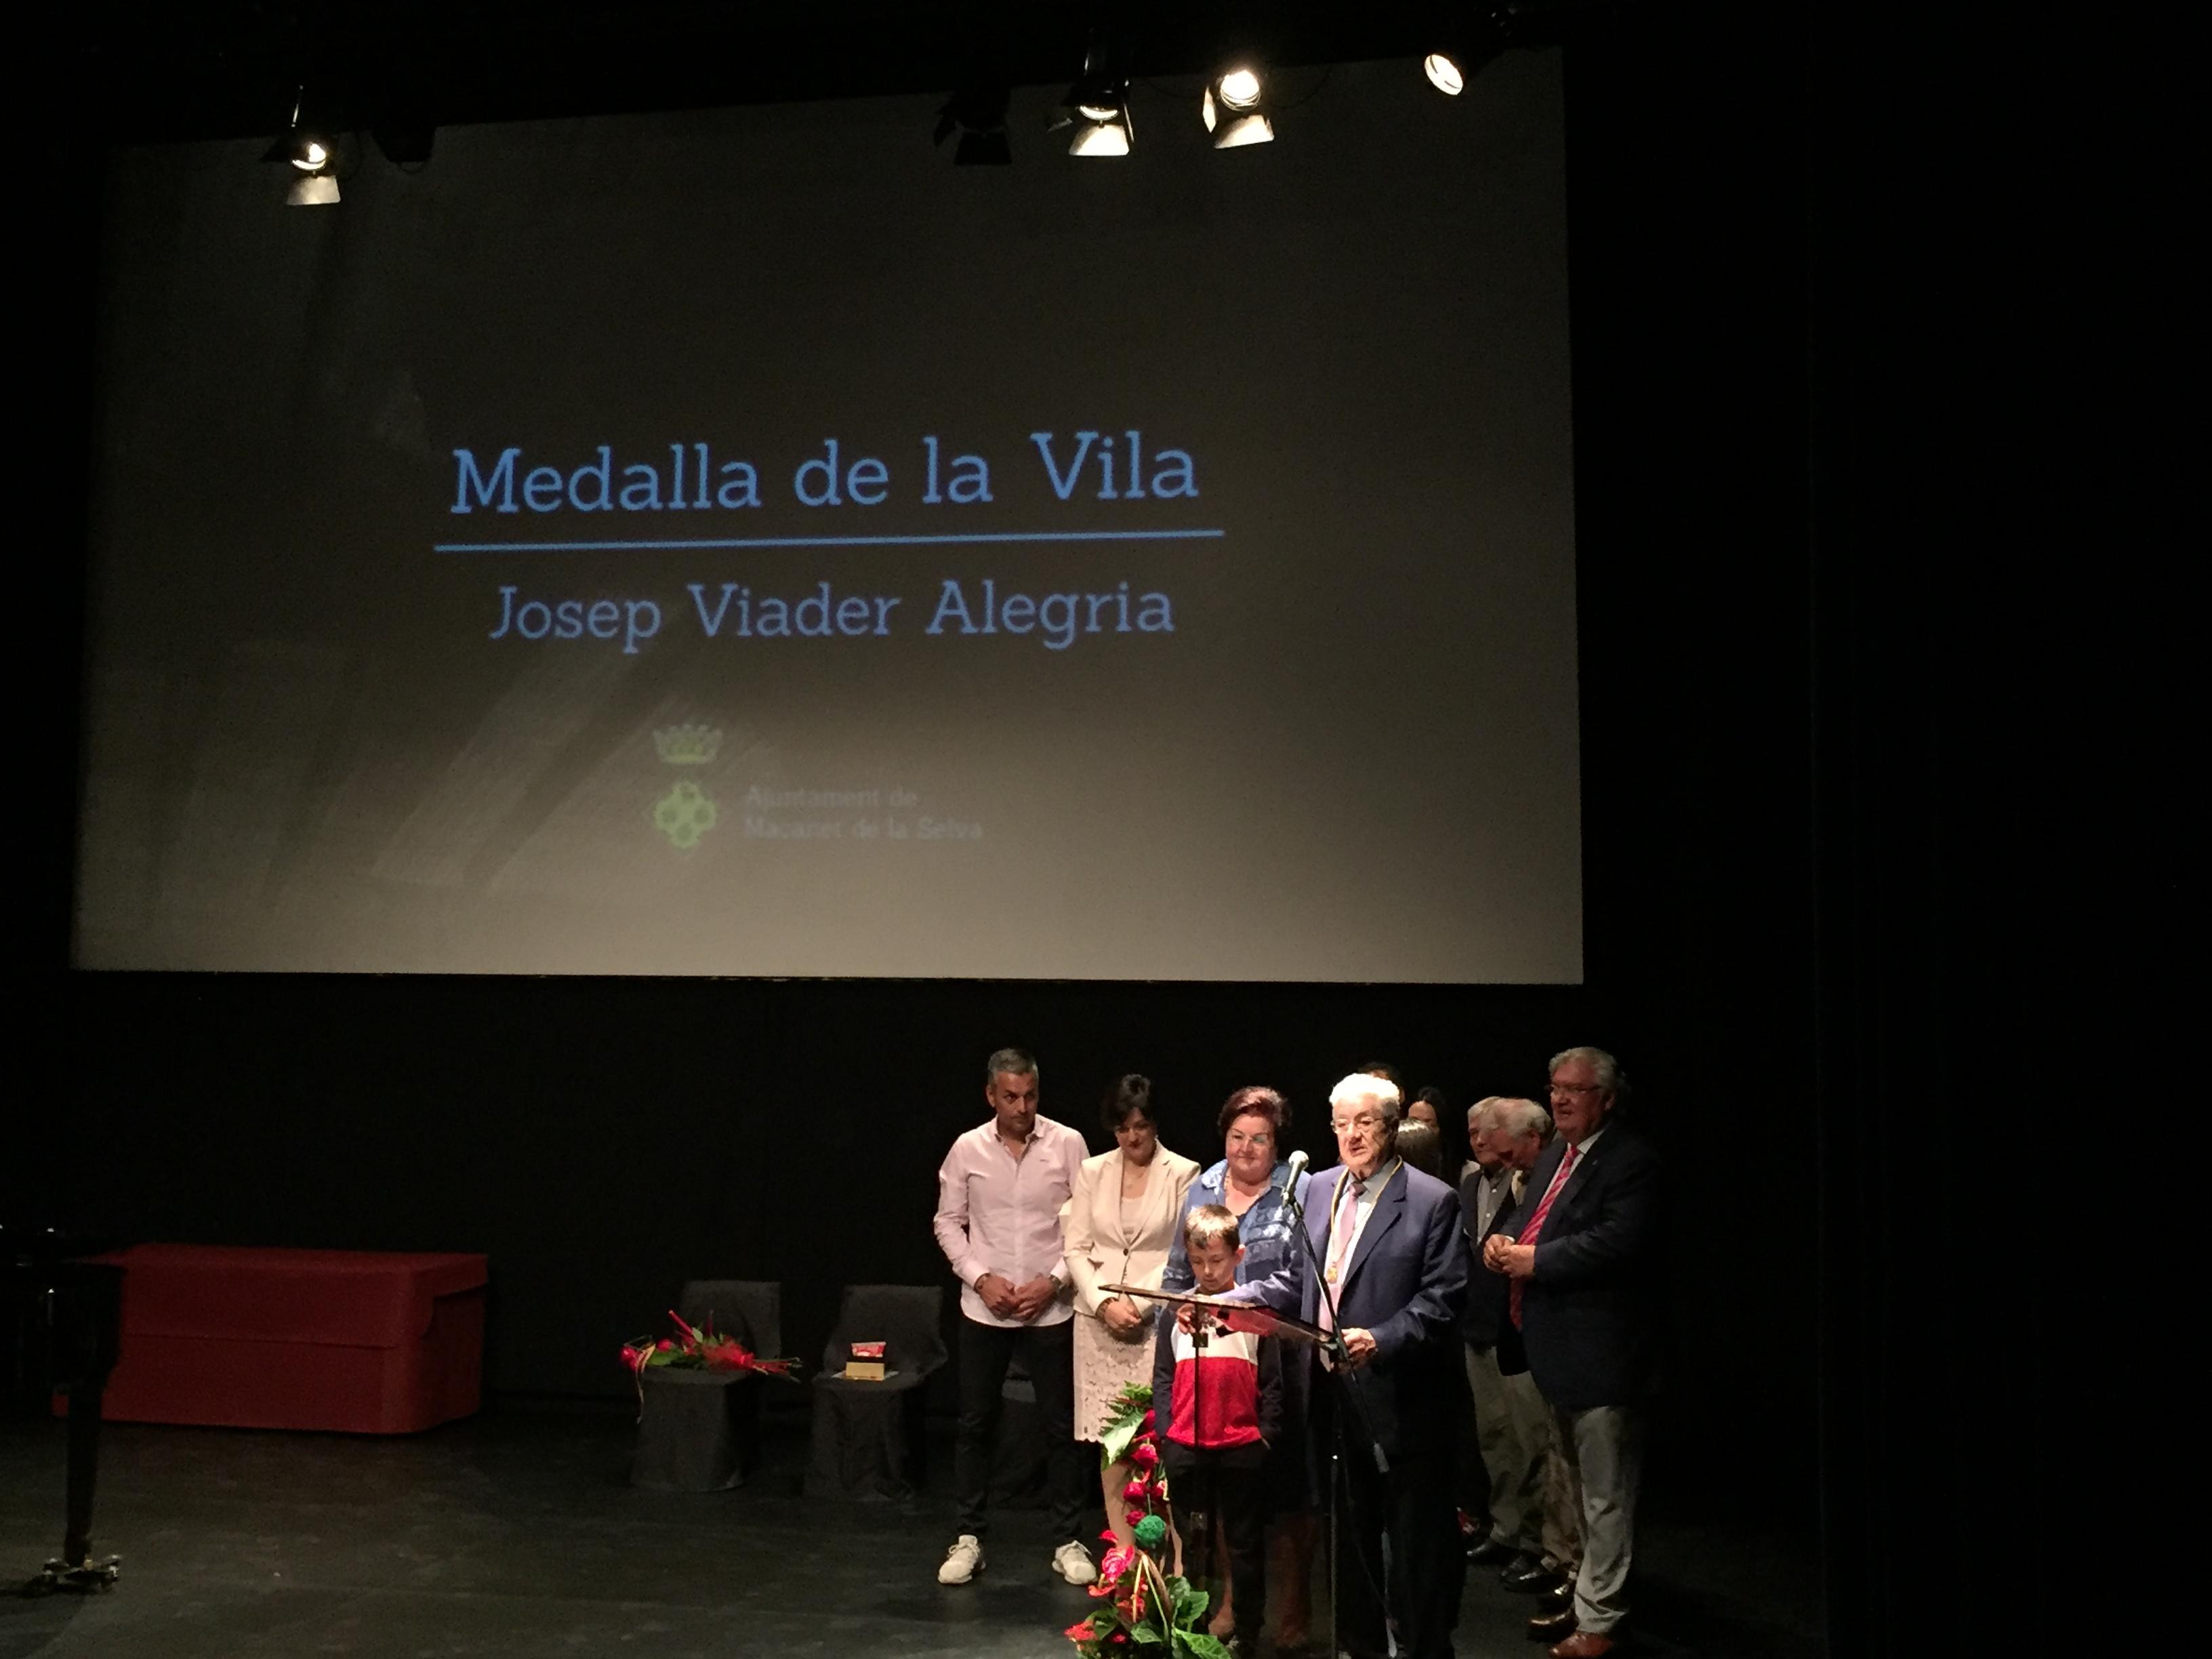 Josep Mª Viader recibe la medalla de la vila de Maçanet de la Selva.